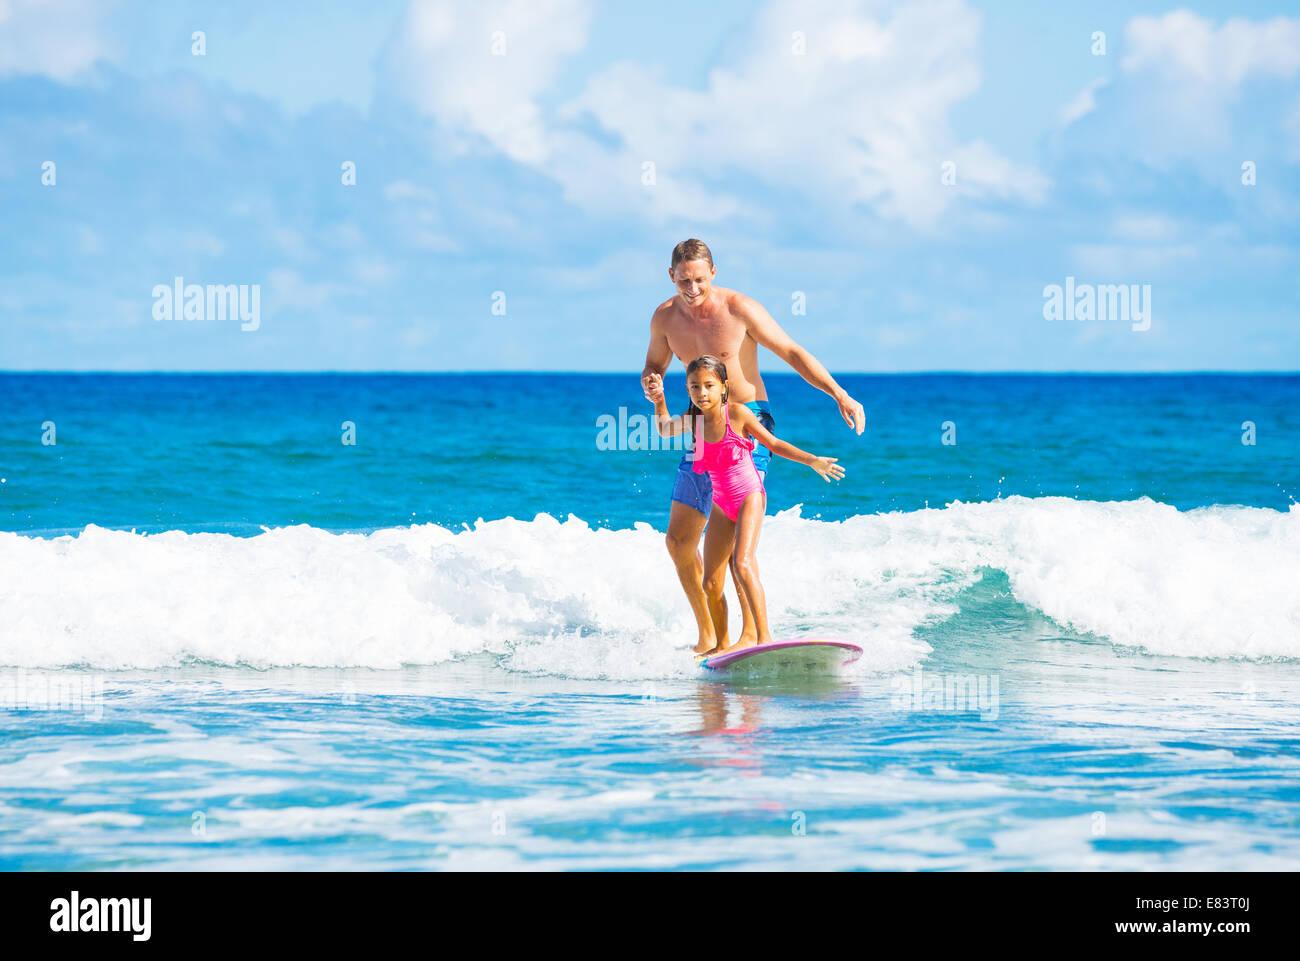 Vater und Tochter Surfen zusammen fangen Welle, Sommer Lifestyle Familienkonzept Stockbild